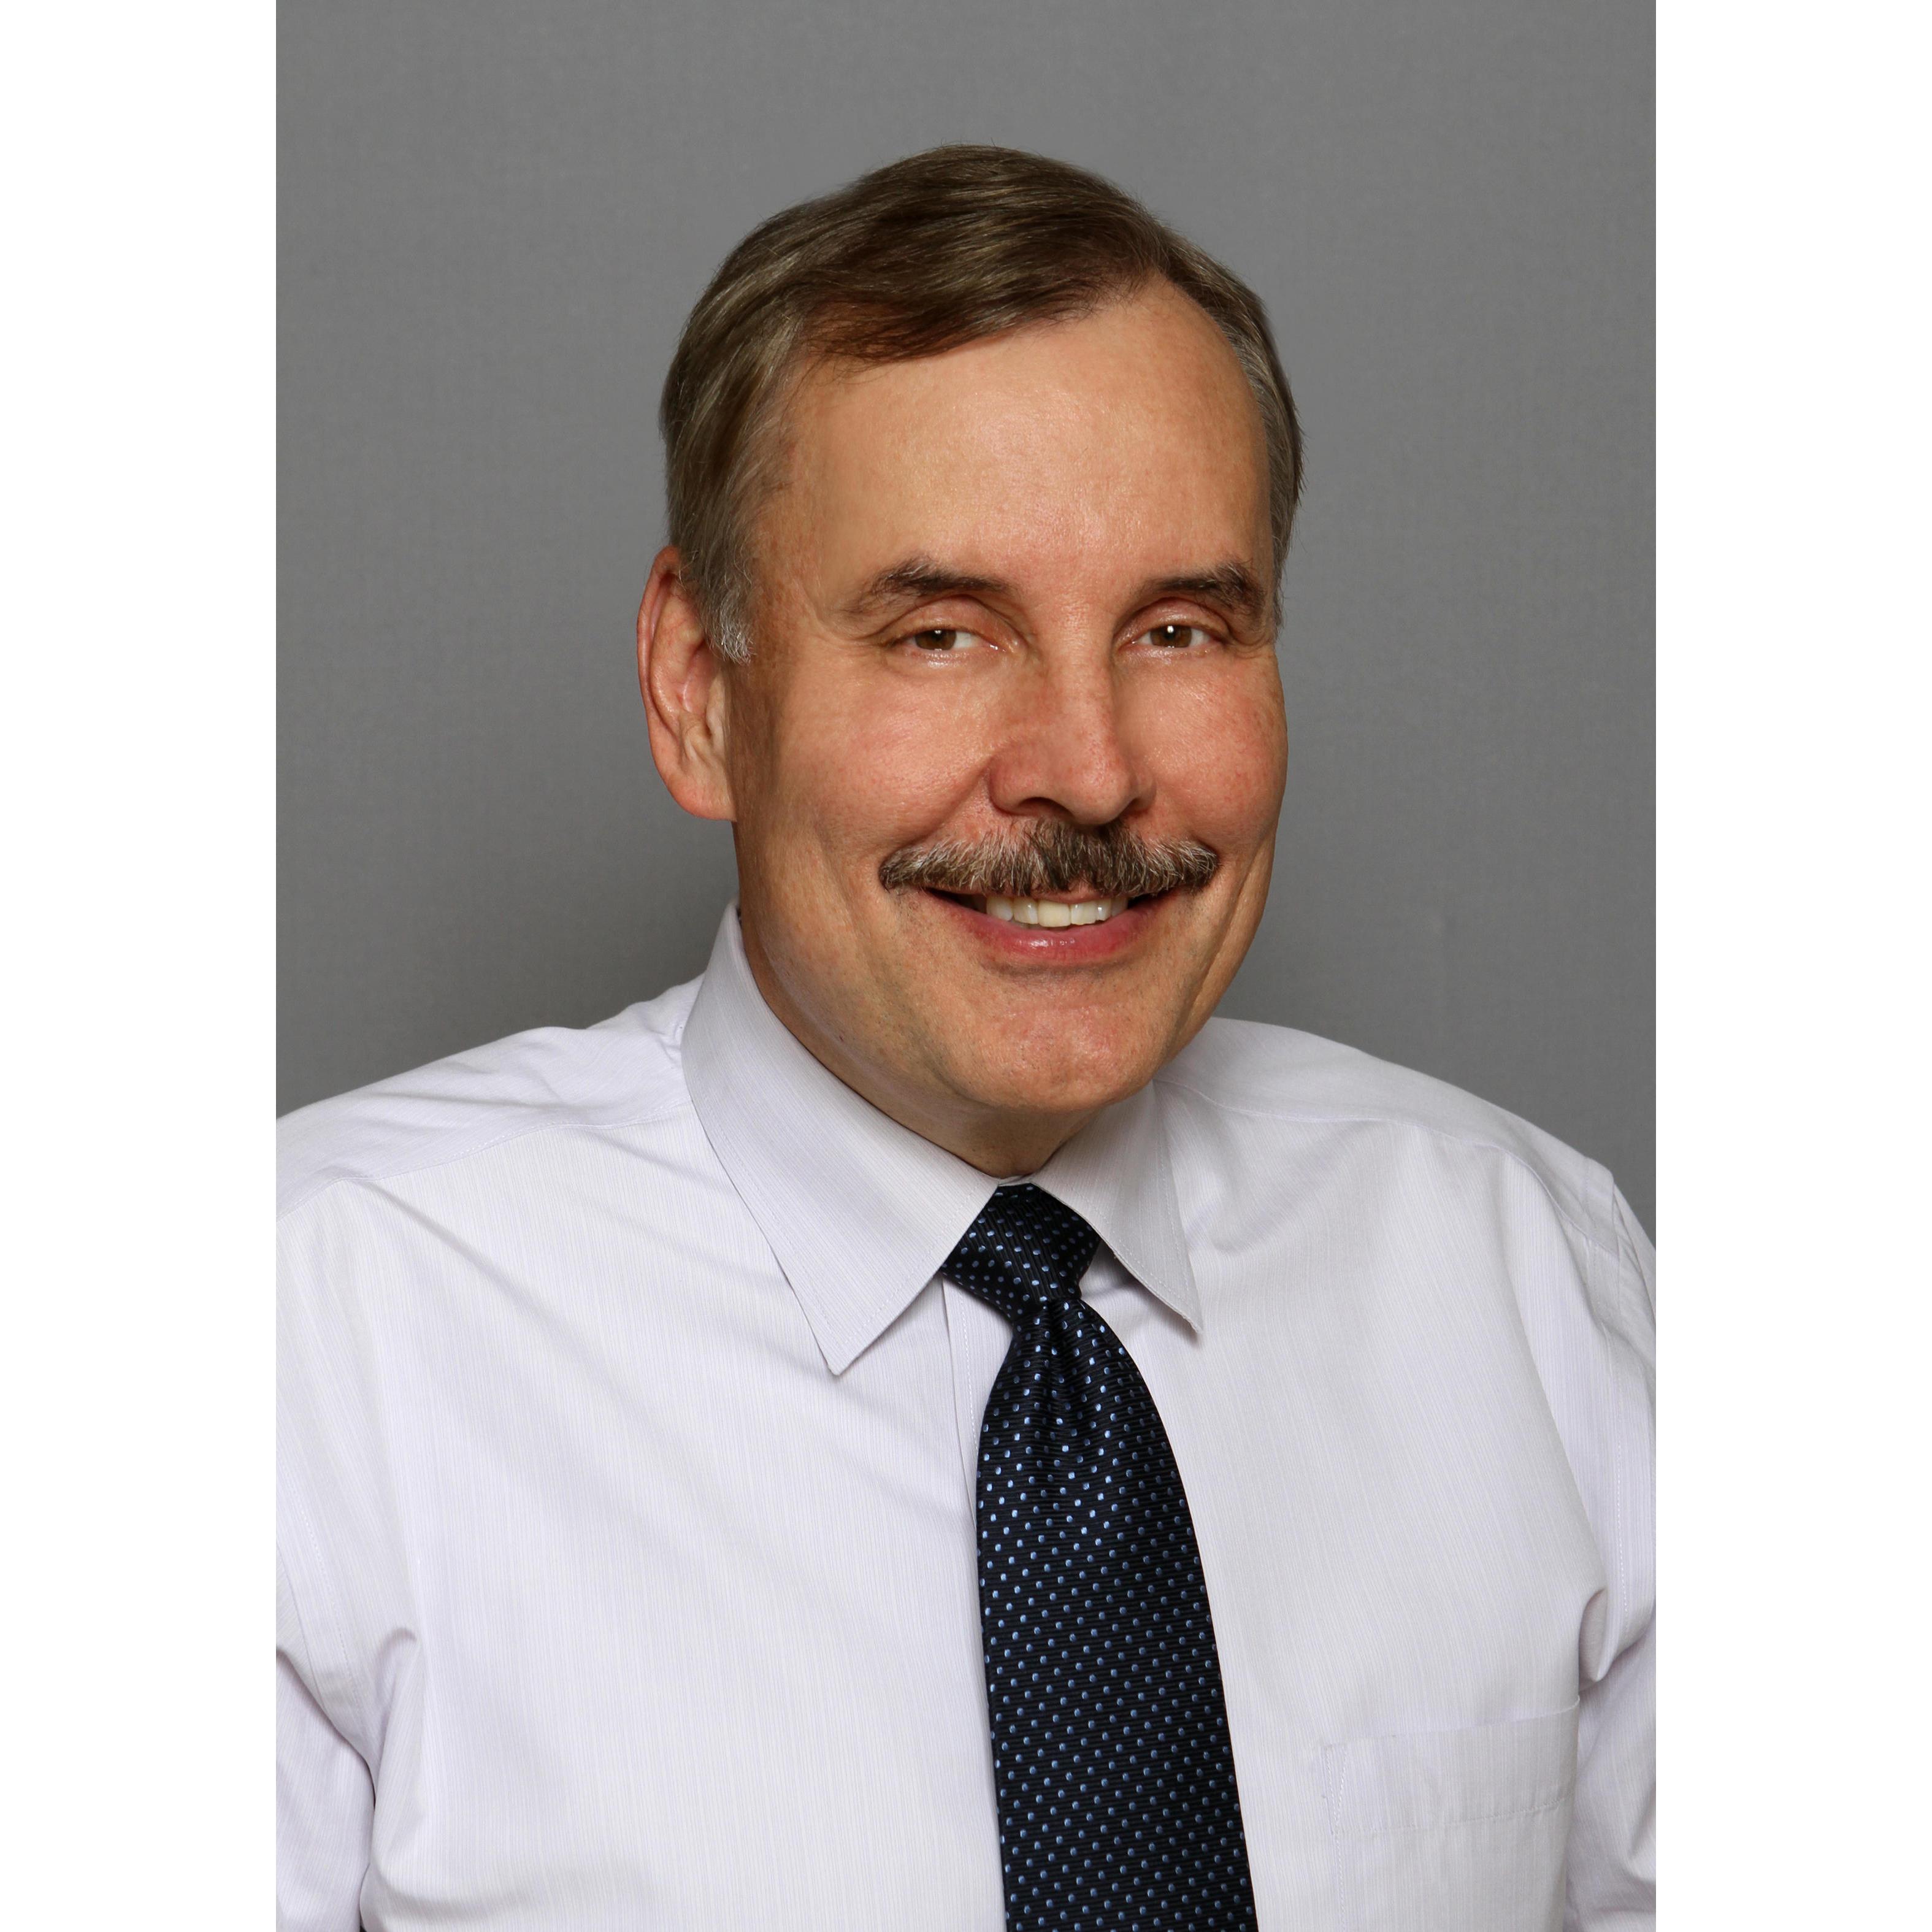 Michael D. Stouder, MD